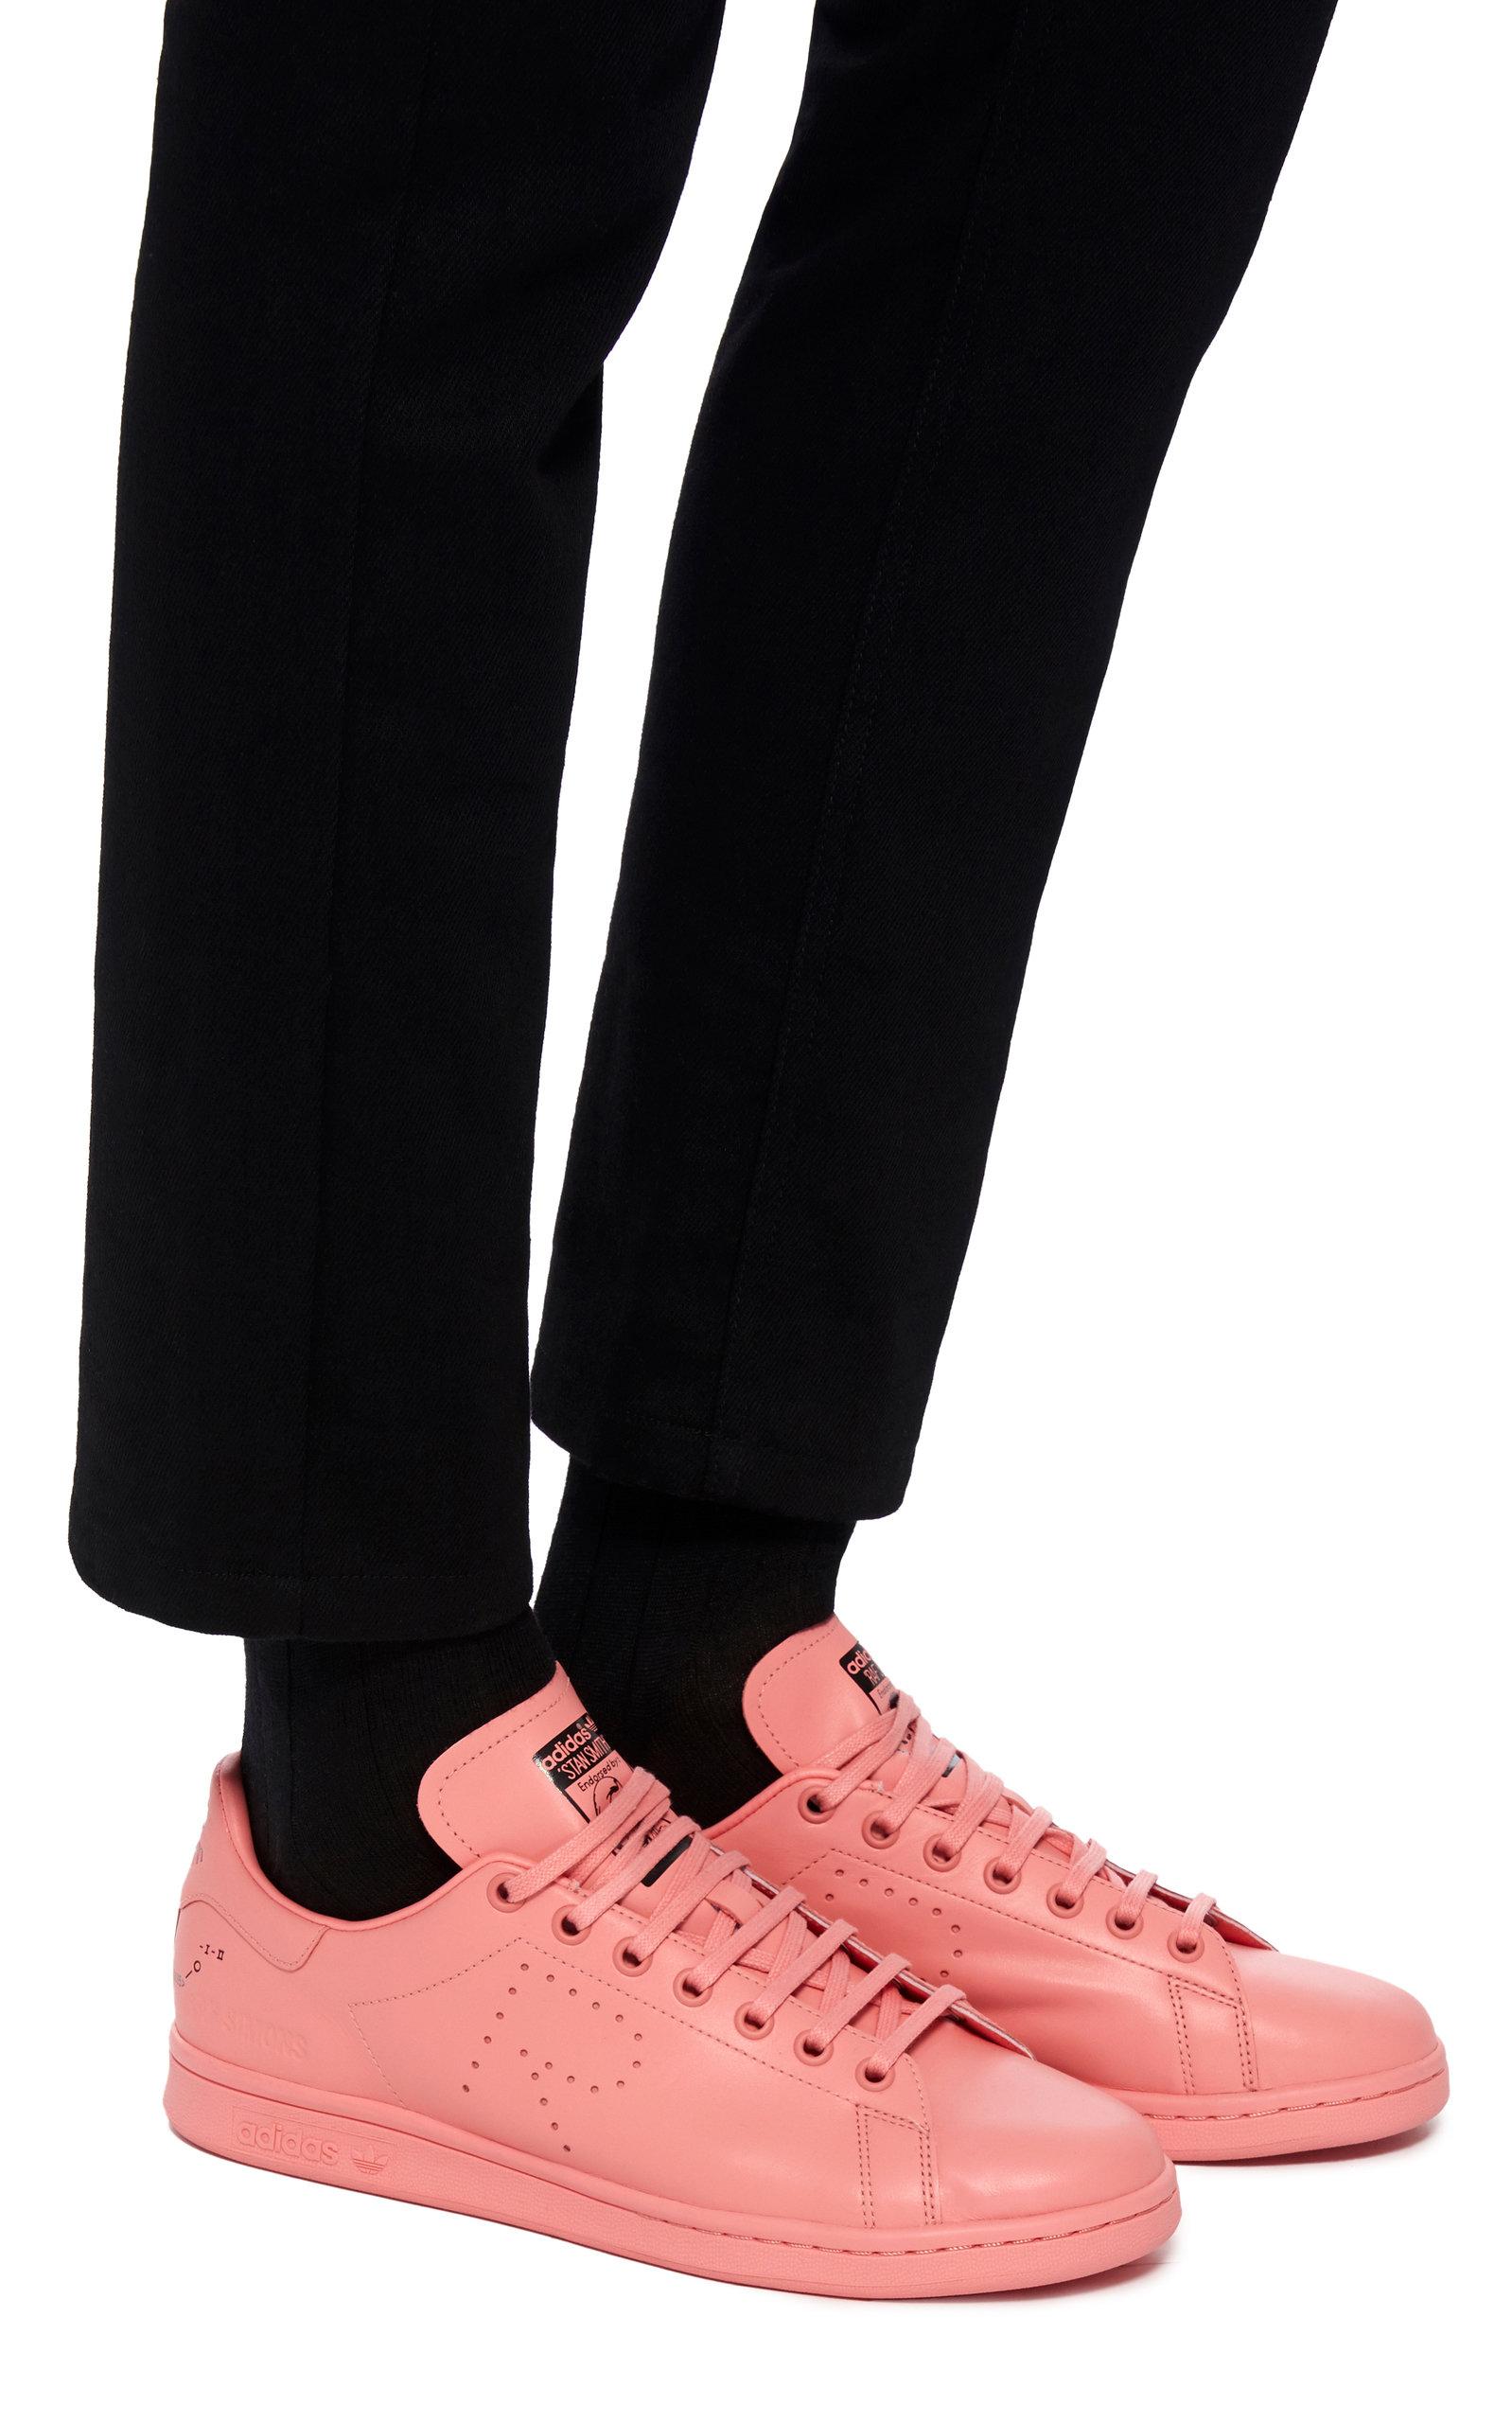 adidas stan smith verdi outfit